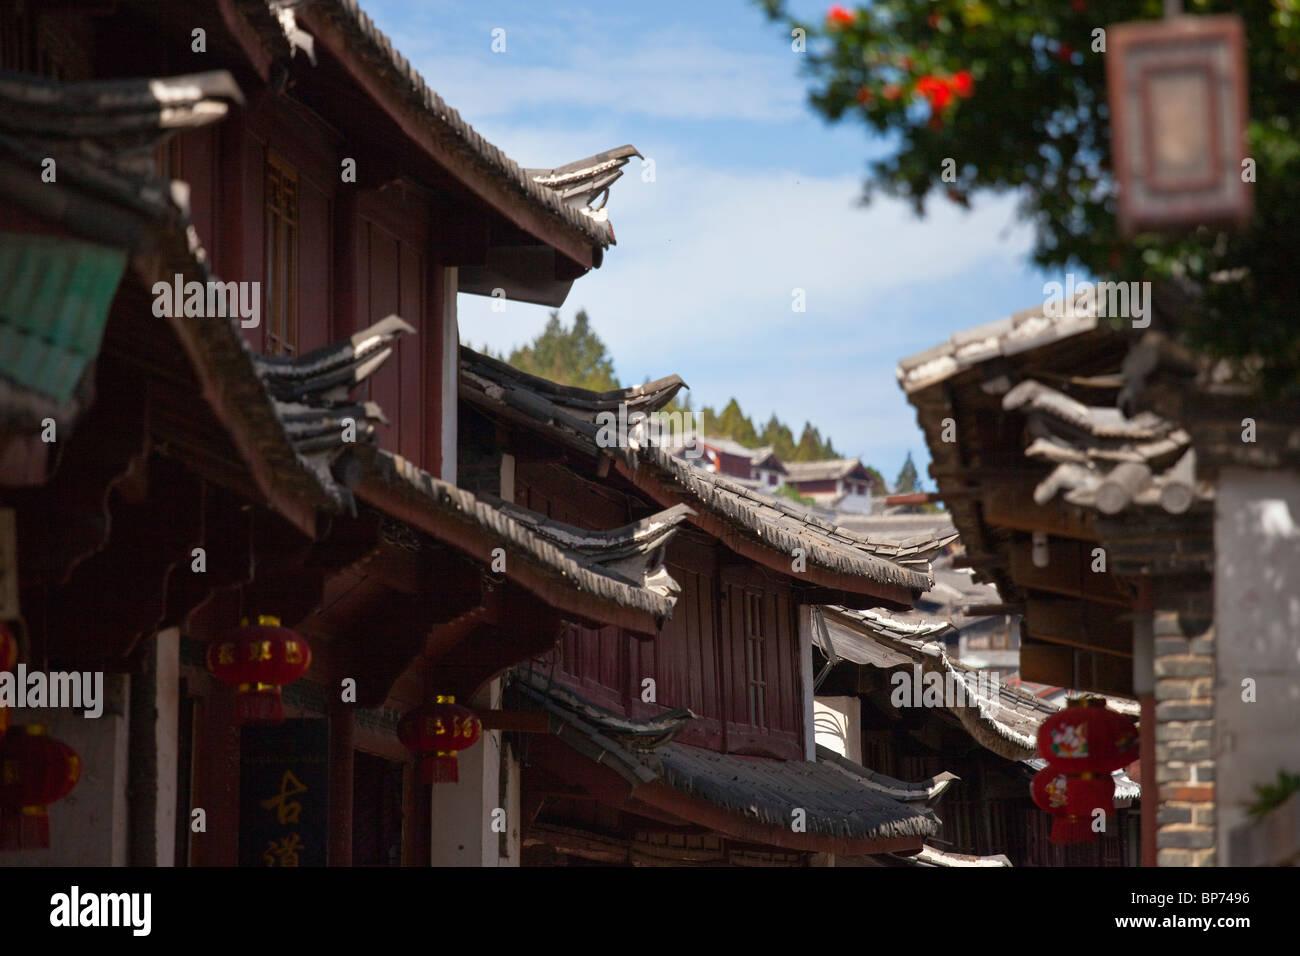 Old town, Lijiang, Yunnan Province, China - Stock Image